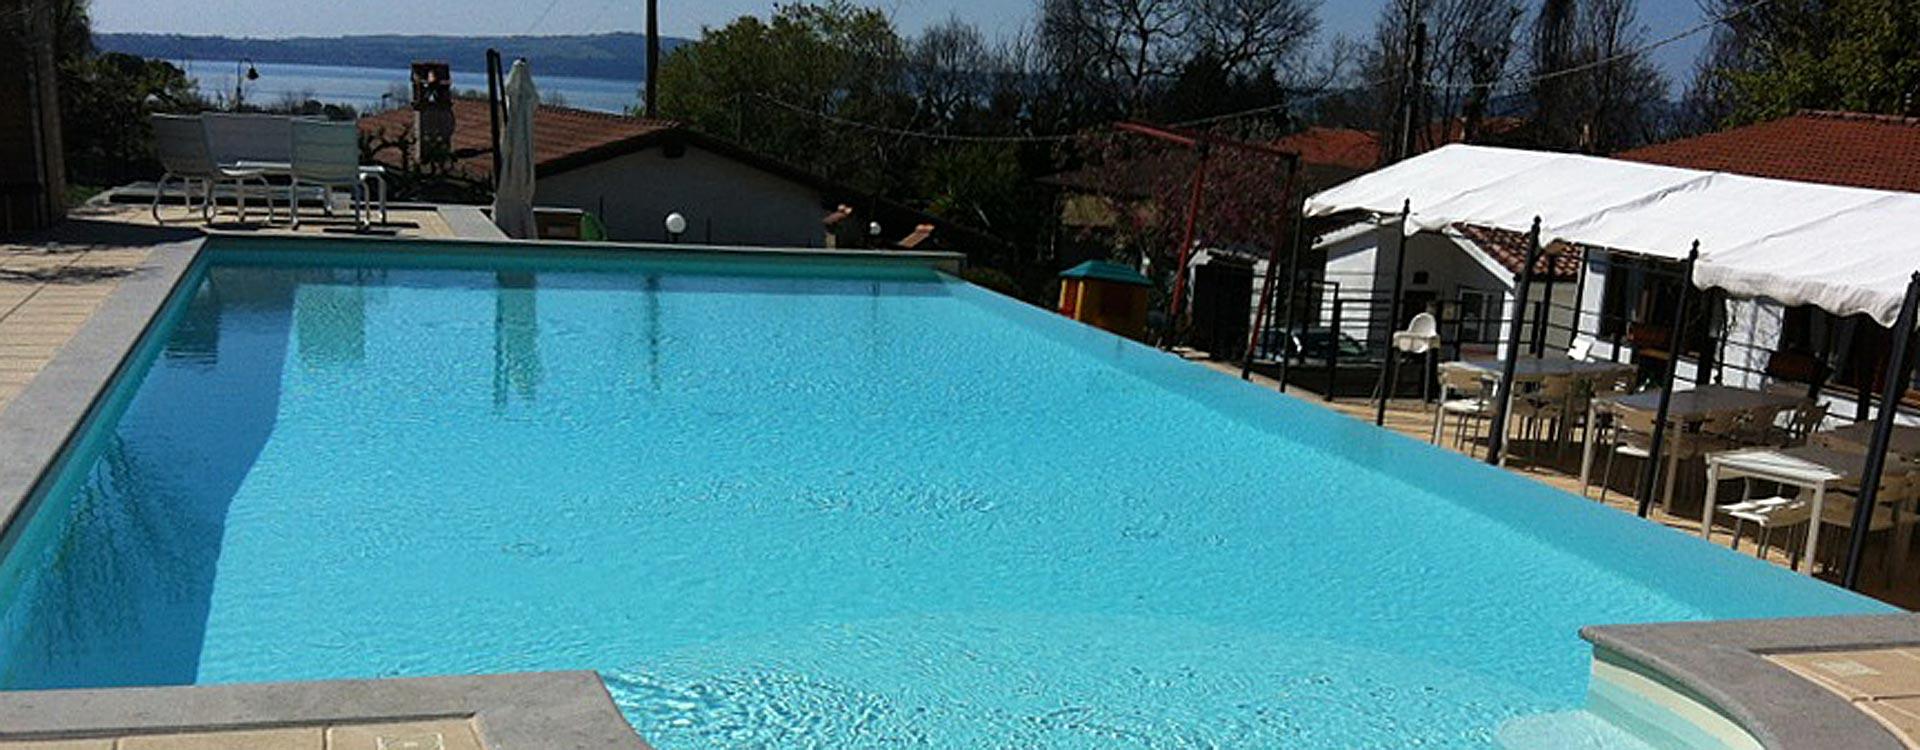 piscina-ristorante-esterno